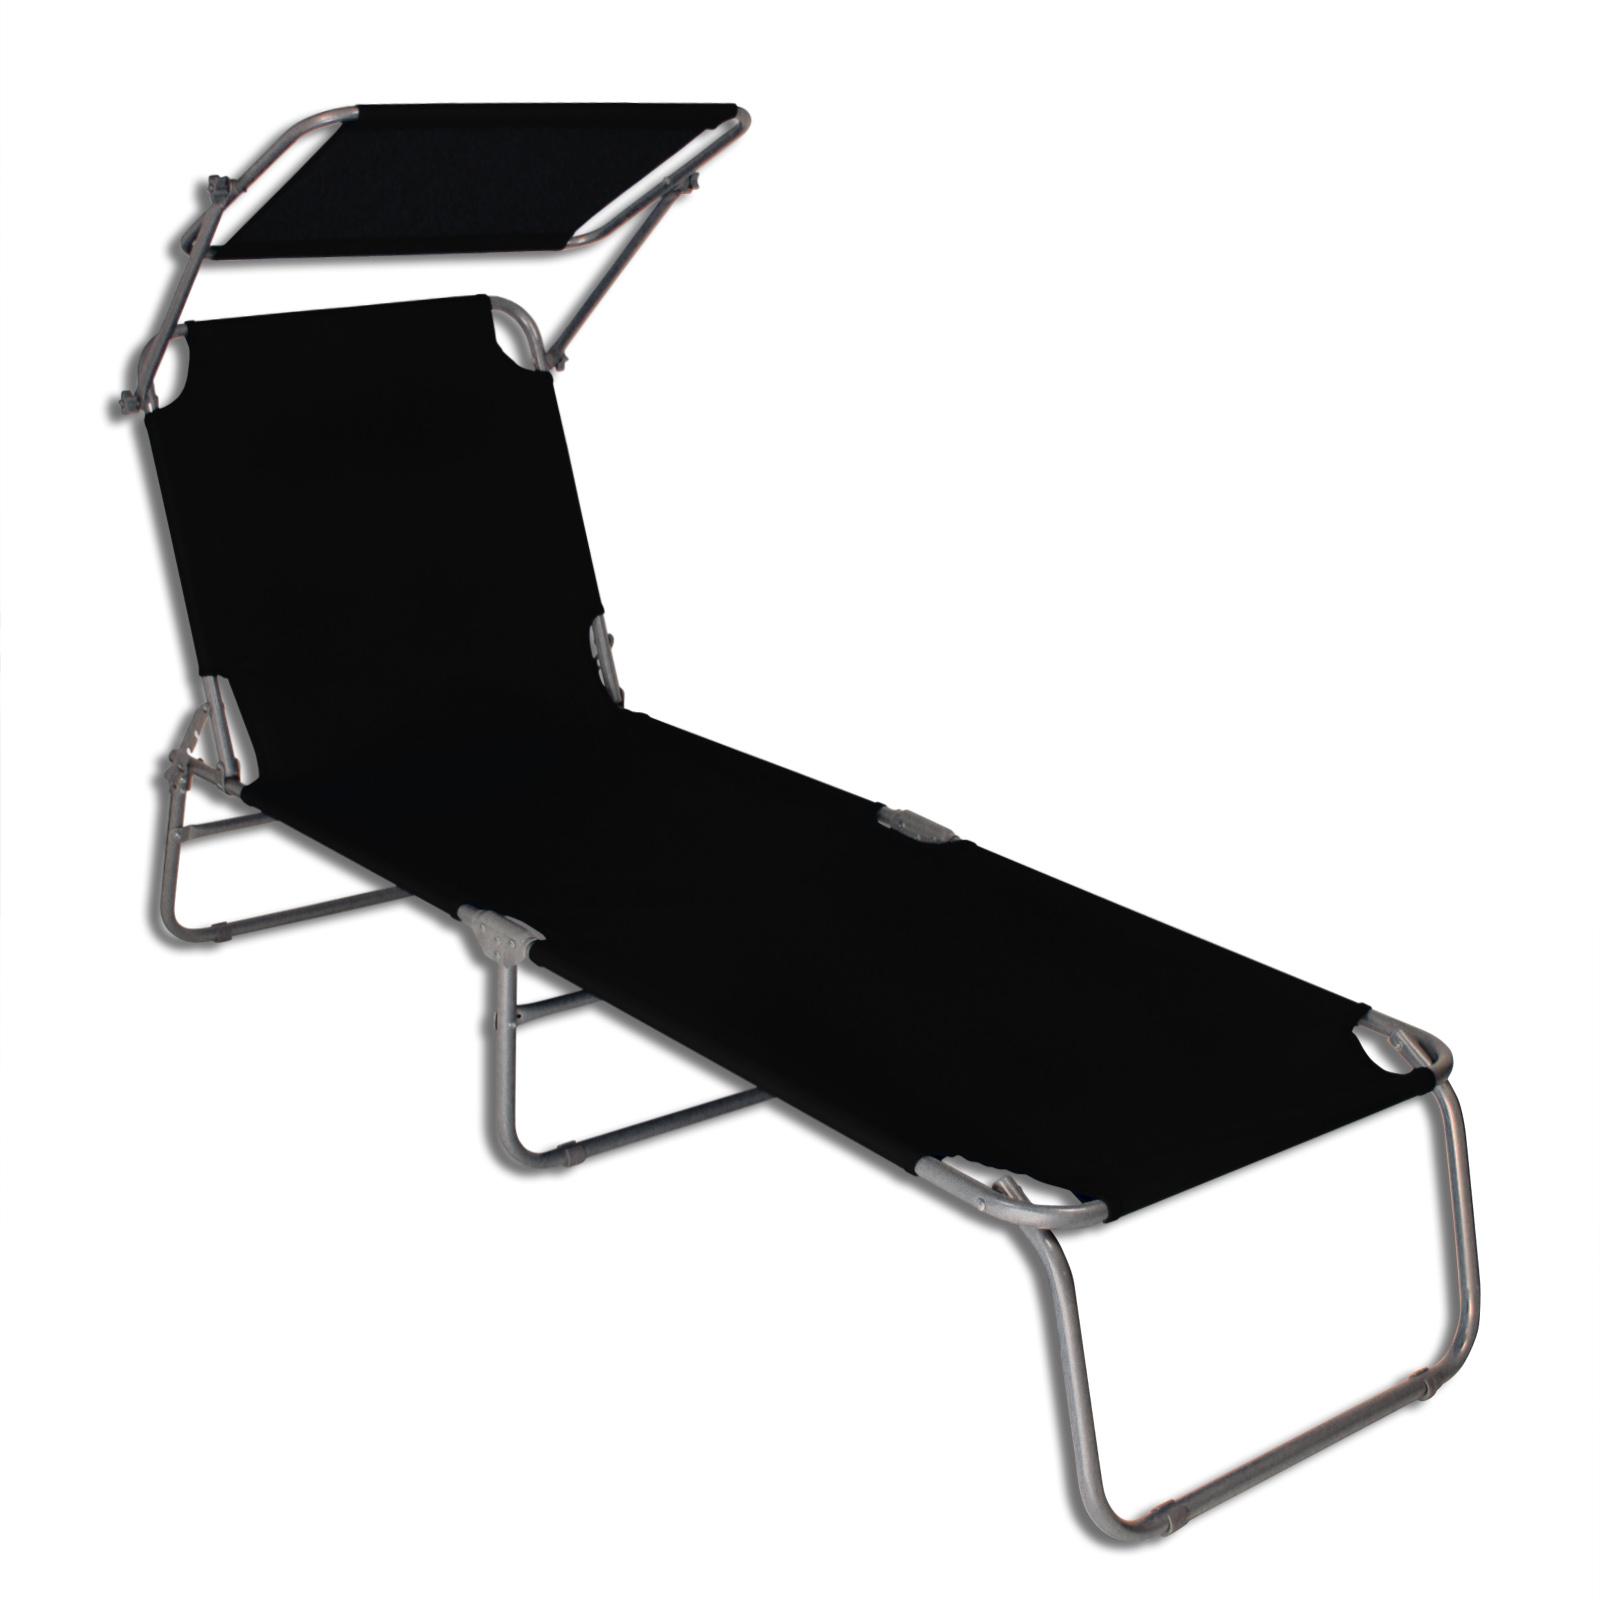 Transat transat avec pare soleil plage chaise longue de for Chaise longue transat solde